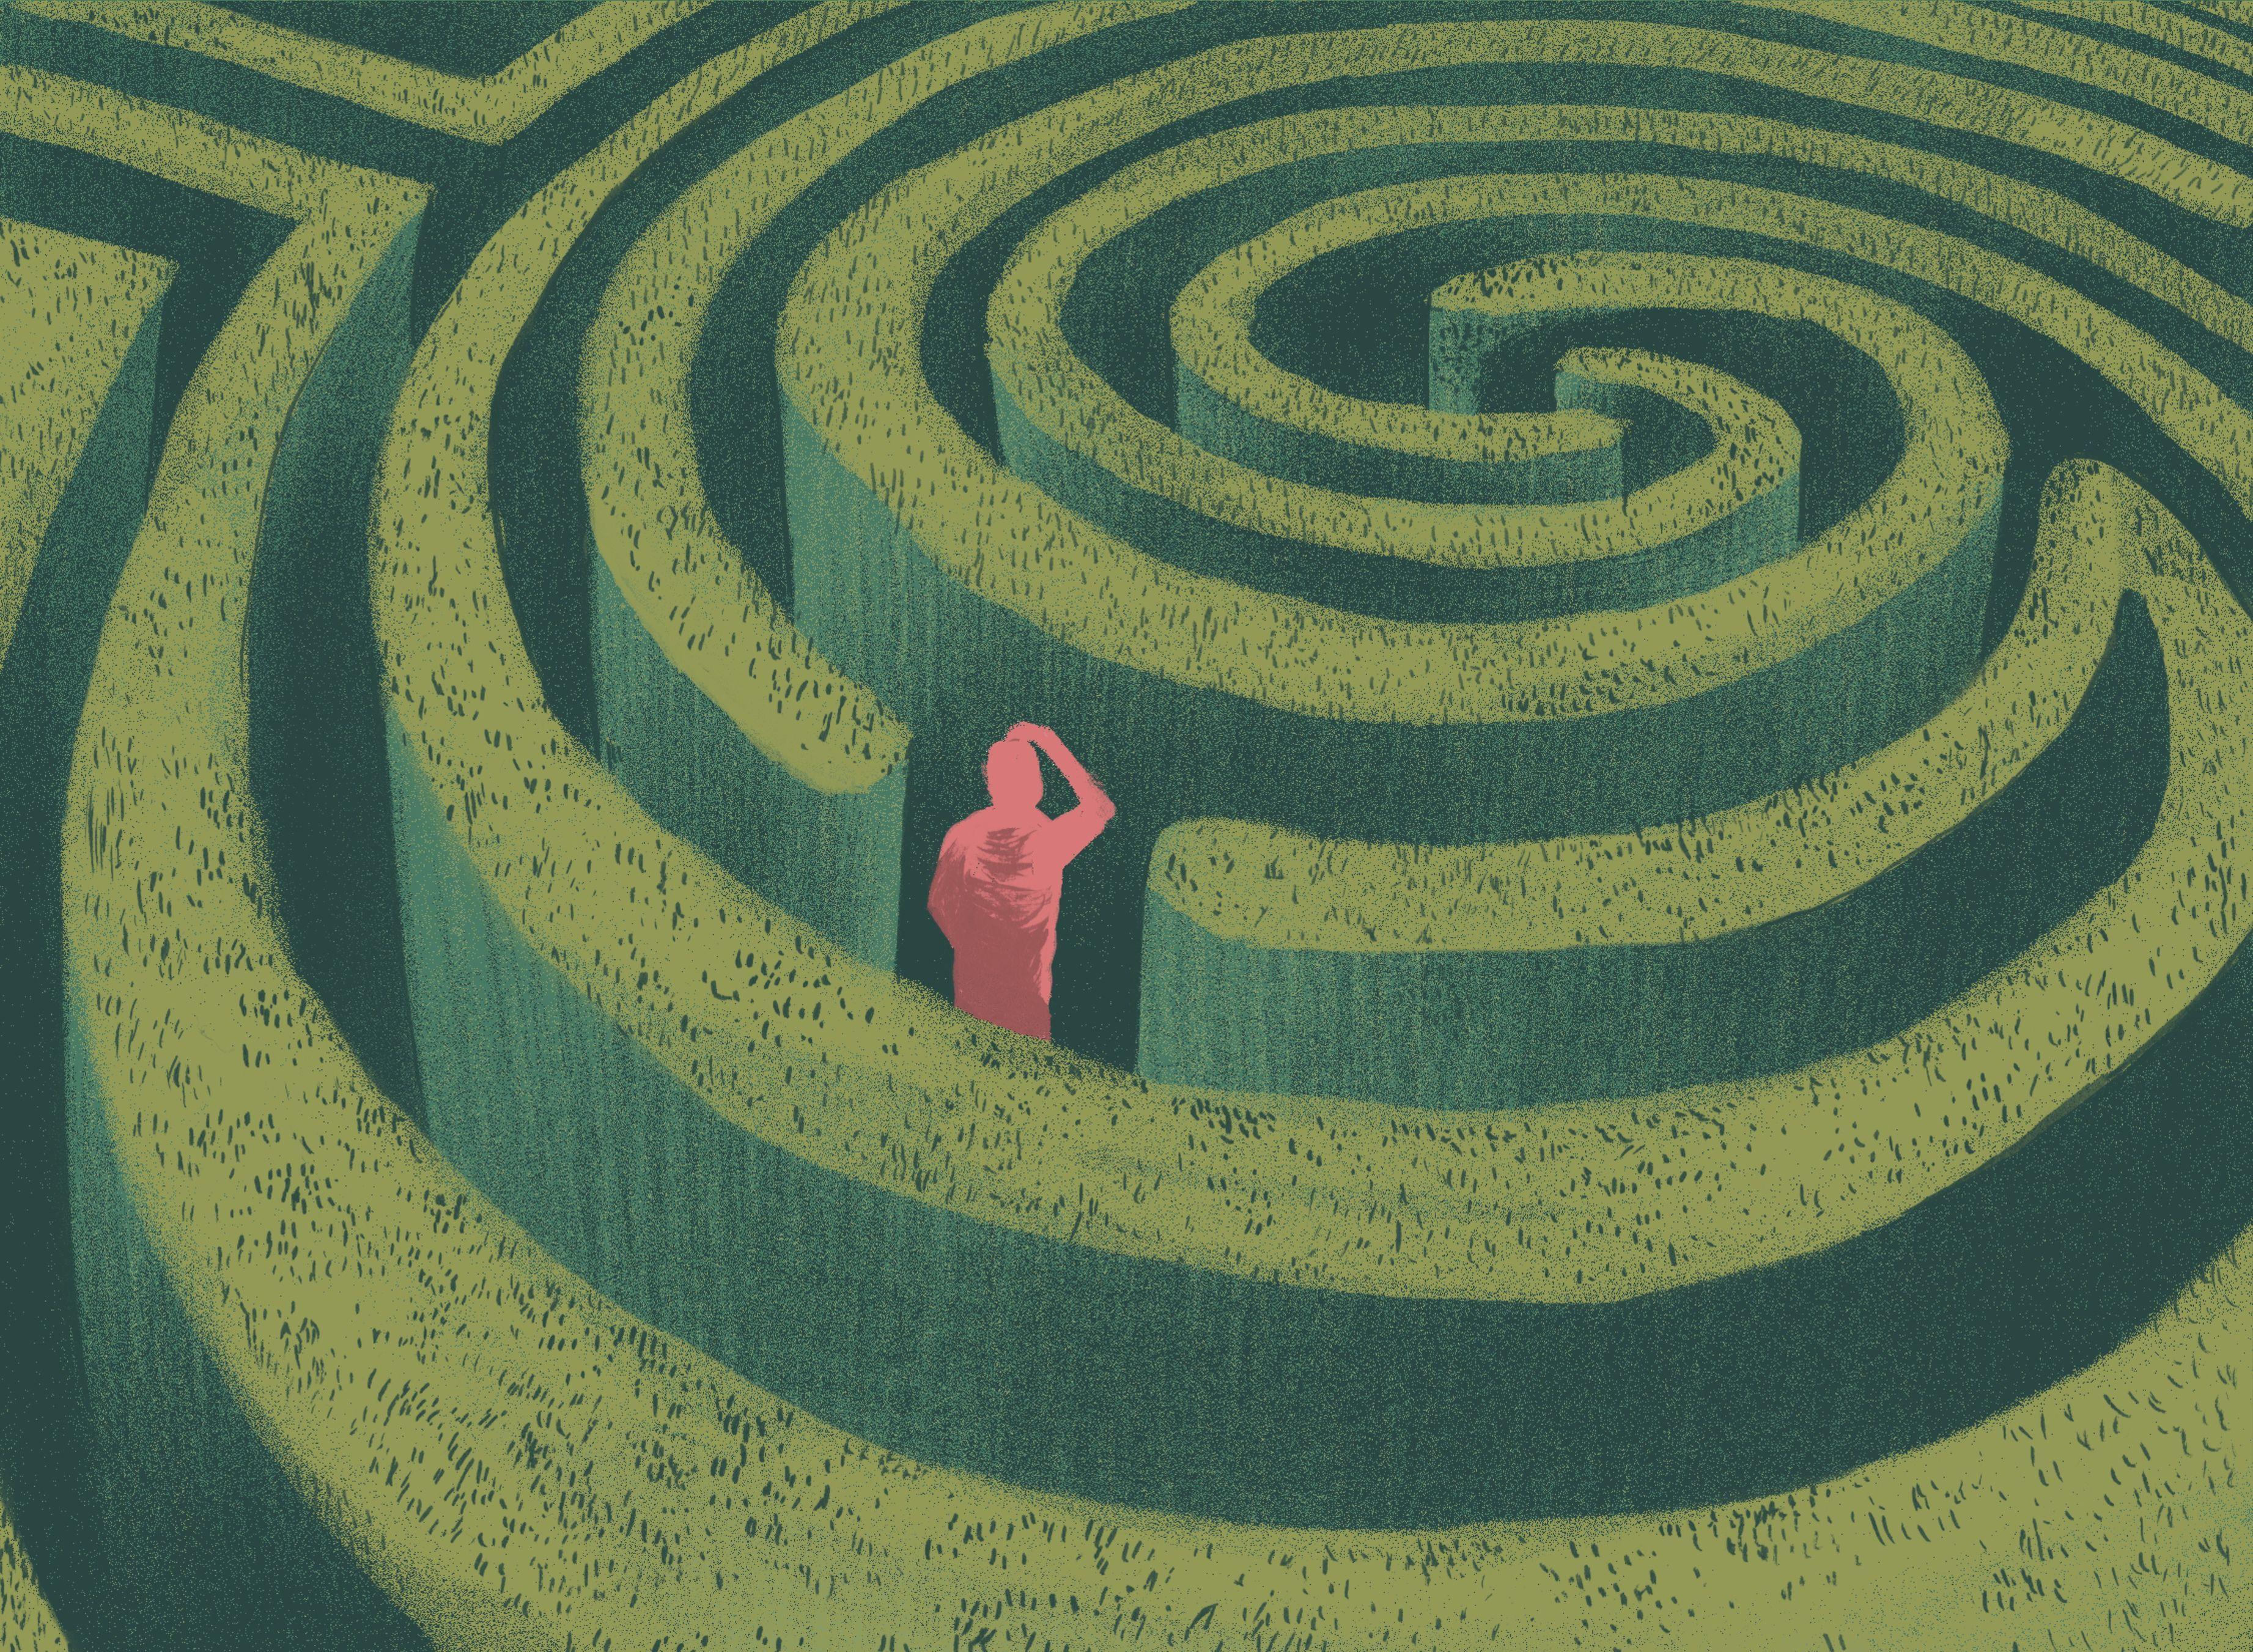 a-man-in-a-maze-149326183-5866db593df78ce2c3ba3f35